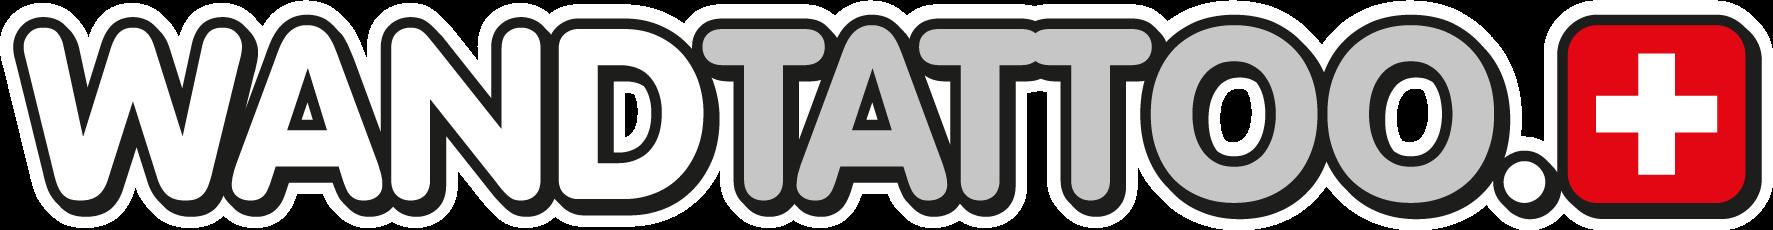 Wanzprinz Logo - Wandtattoos, Wandsticker, Wandaufkleber